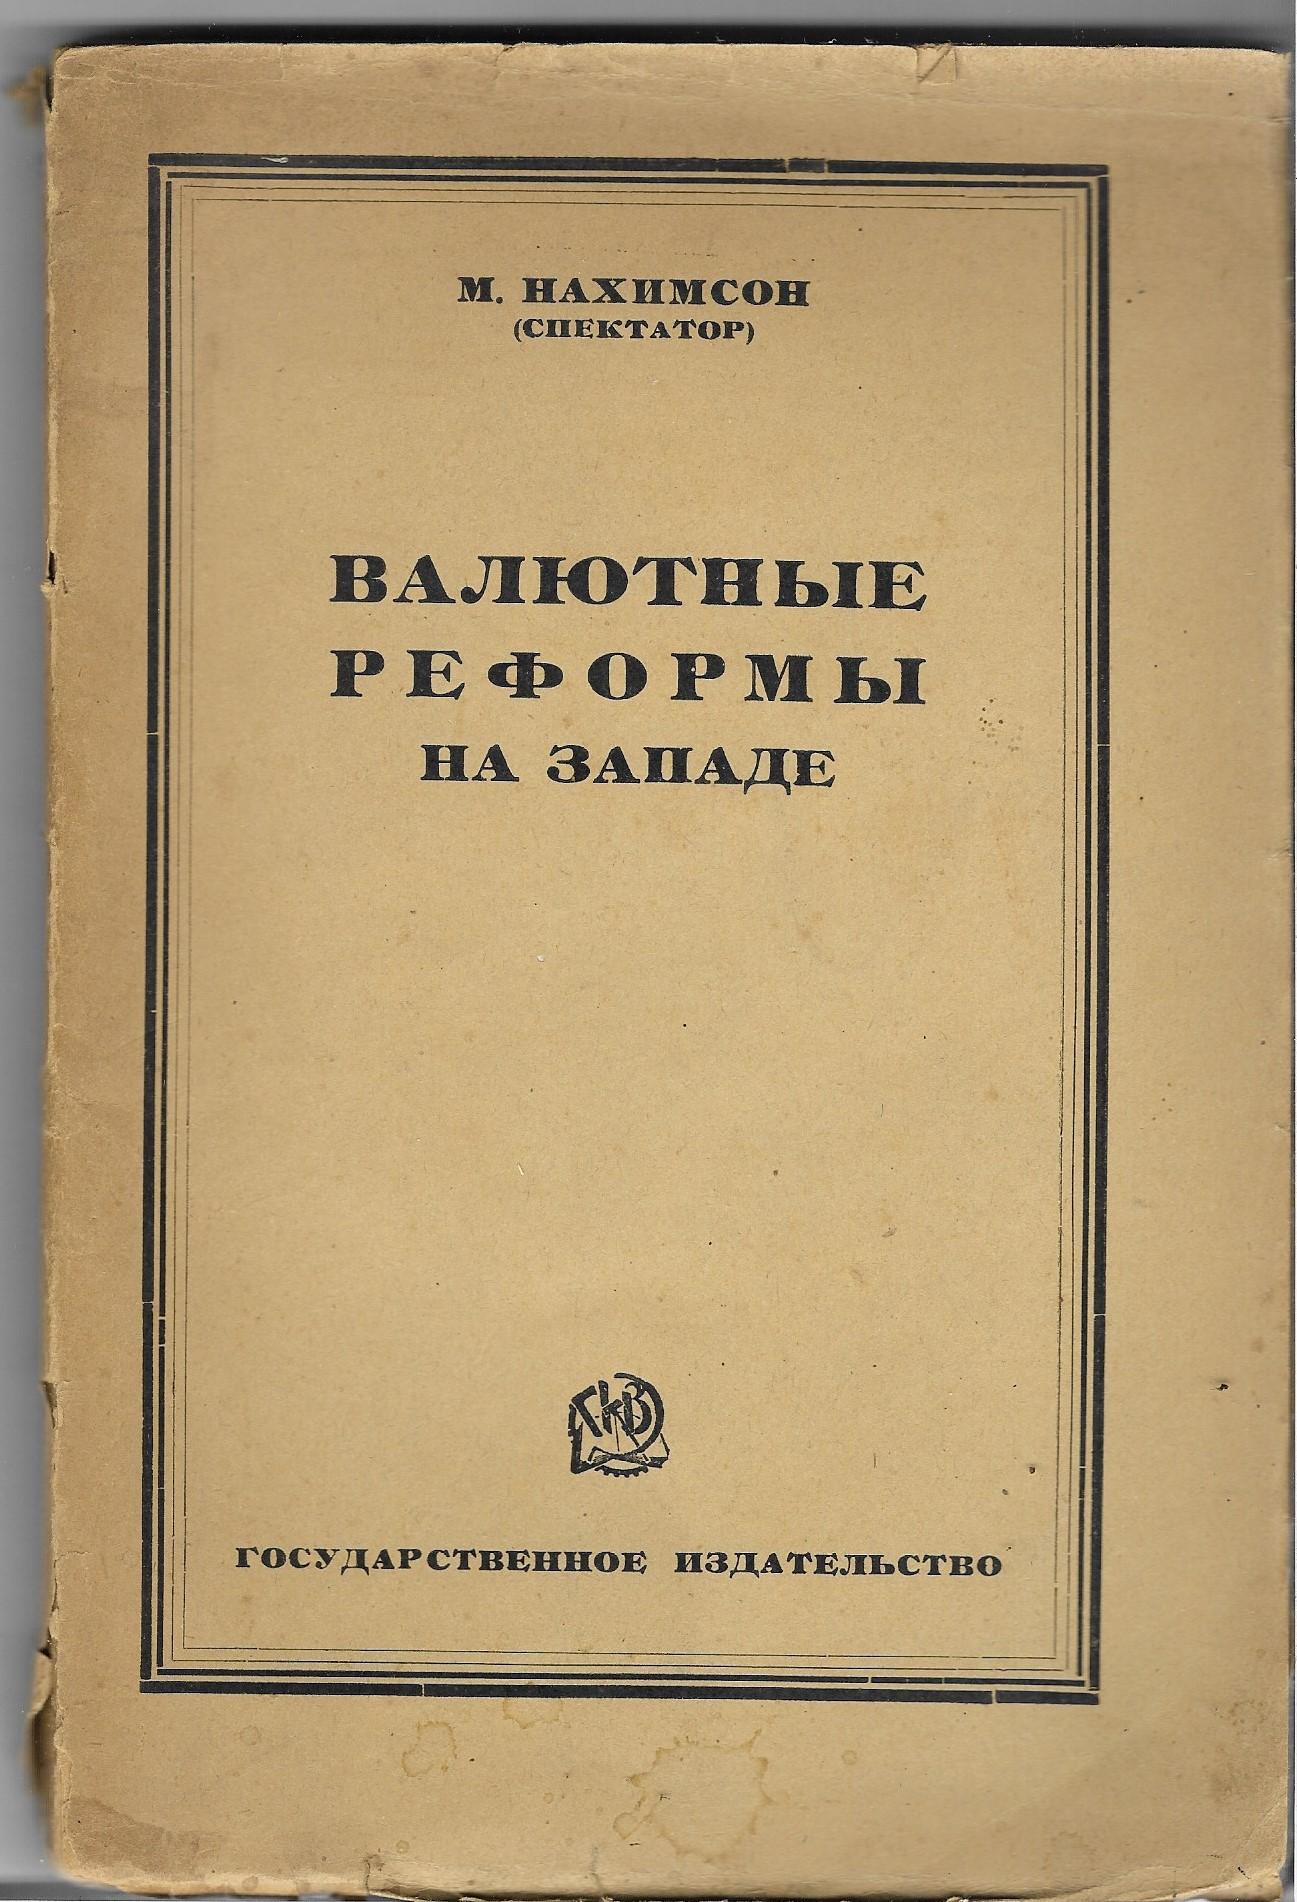 WALIUTNYJE REFORMY NA ZAPADIE, NAKSIMSON, 1925